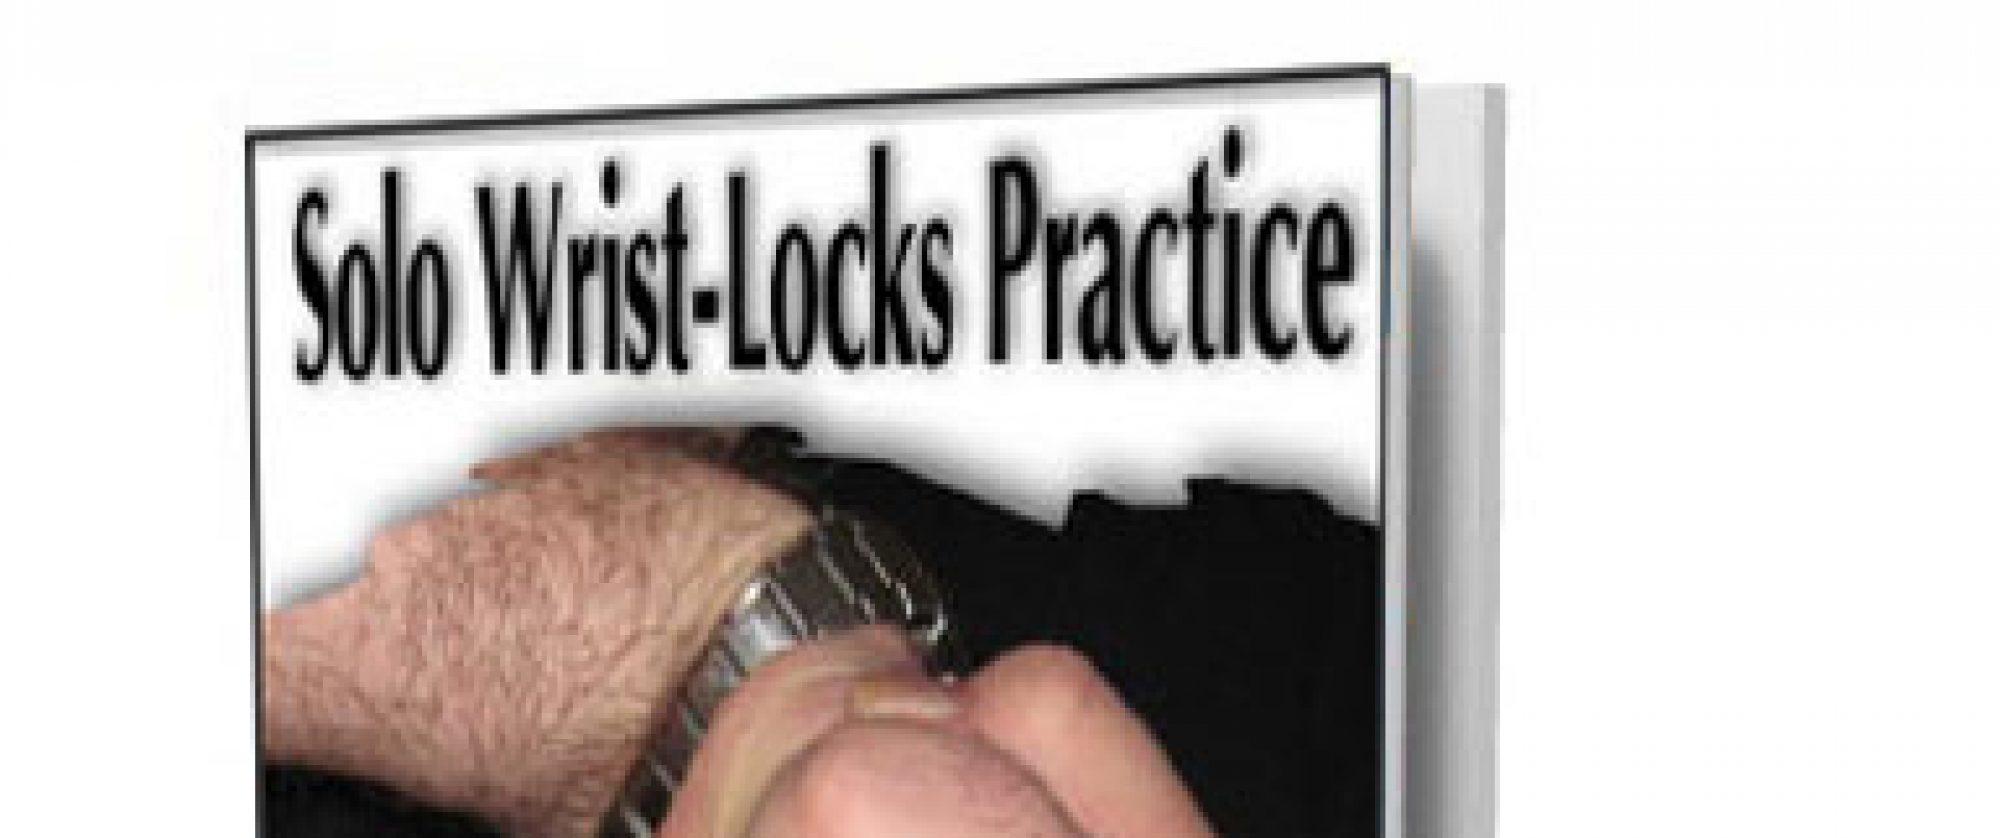 wristlocksexpert.com